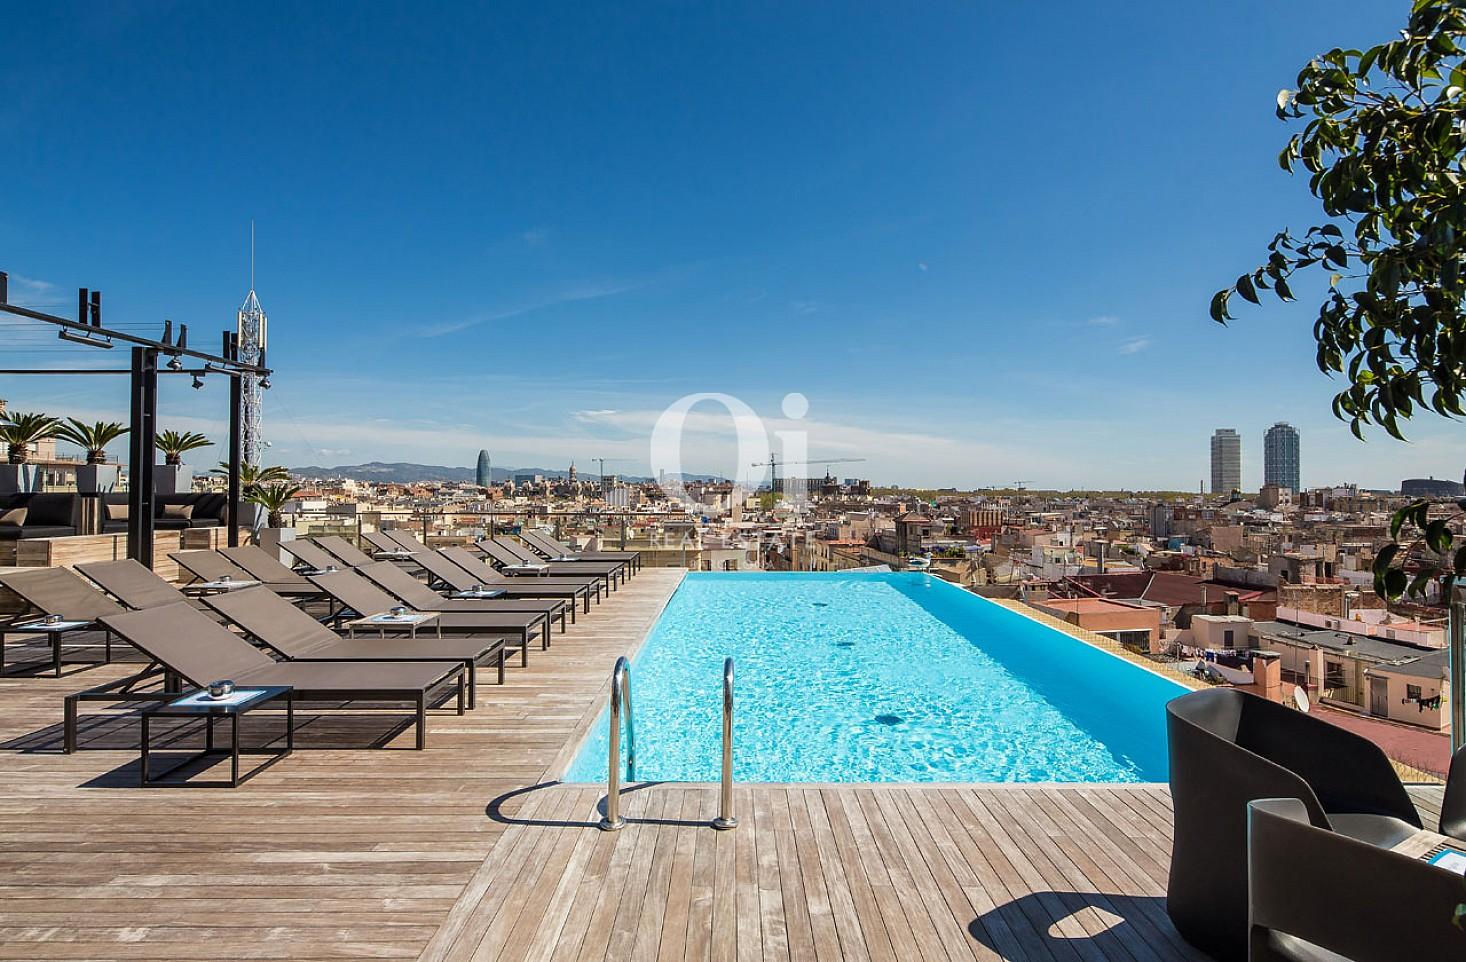 Vista de piscina de hotel en venta en Villa Olímpica de Poblenou, Barcelona